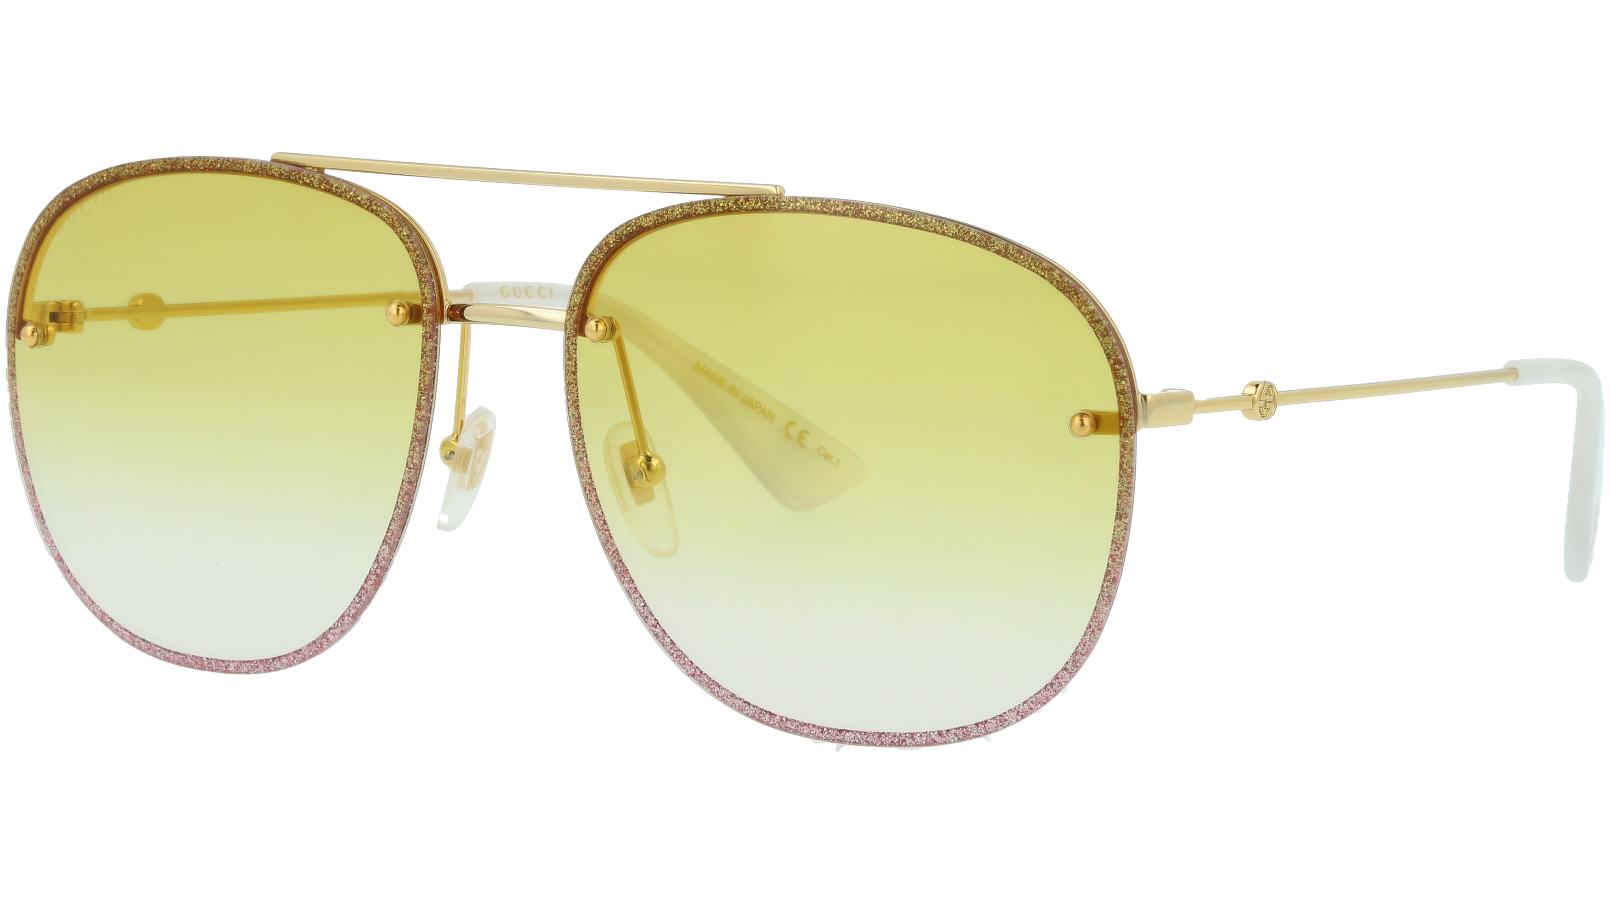 GUCCI GG0351S 002 62 GOLD Sunglasses